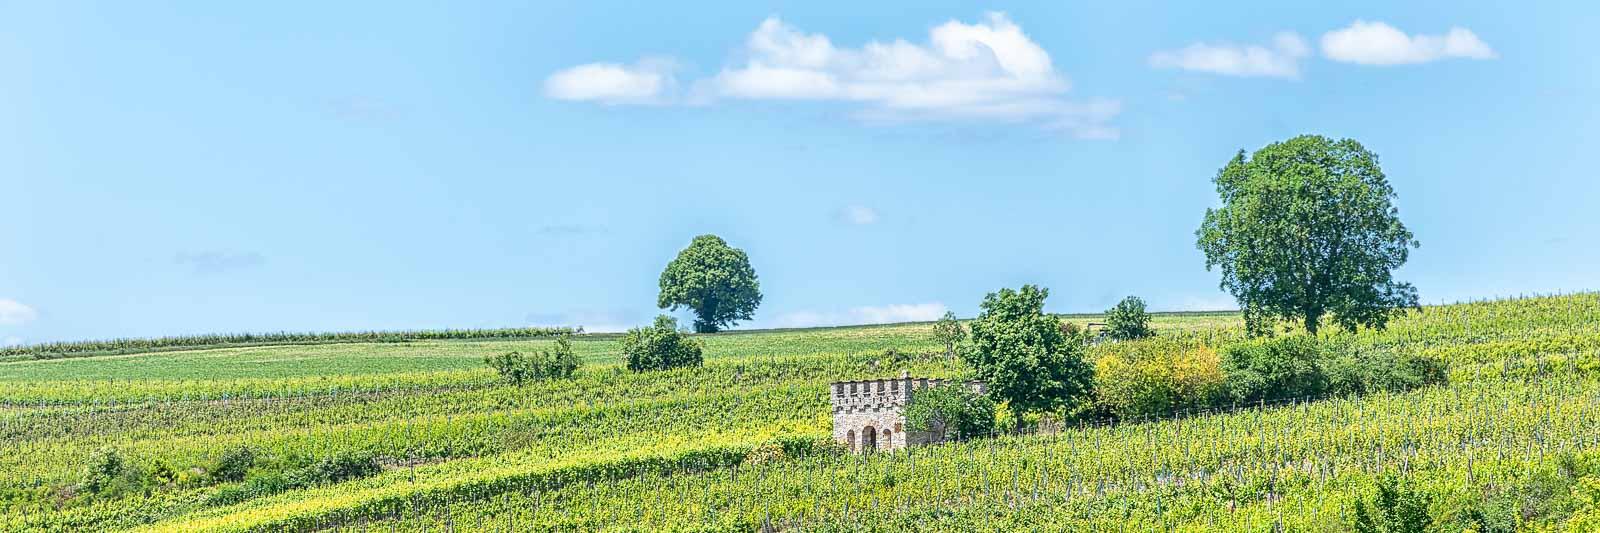 Turm im Weinberg Klosterstück in der Pfalz, blauer Himmel mit einigen Wolken